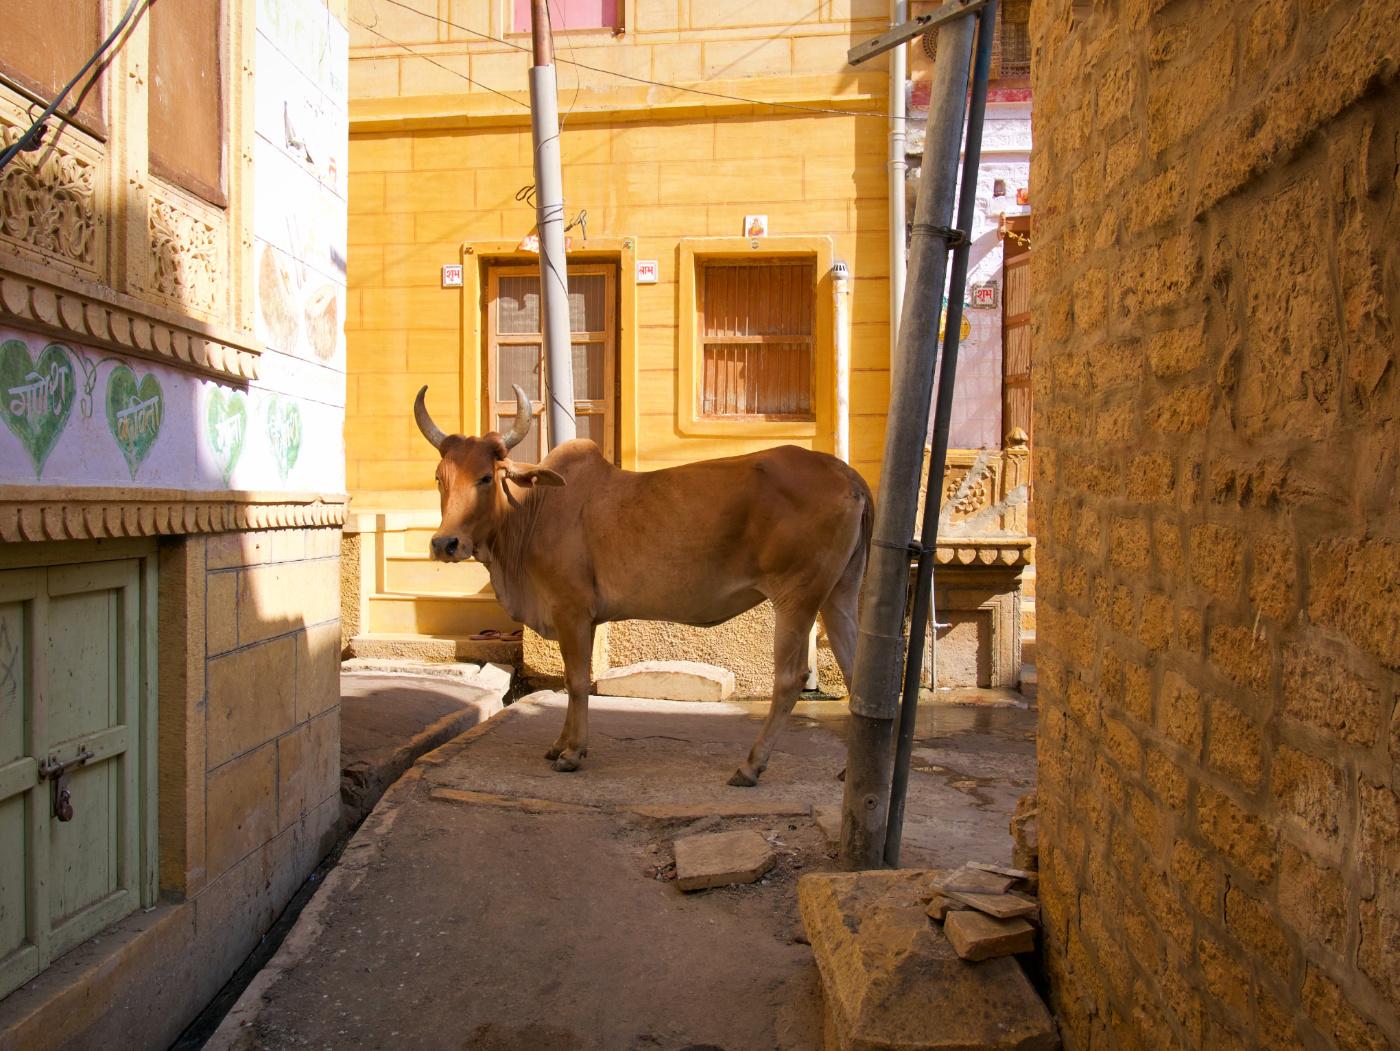 567-India-Jaisalmer